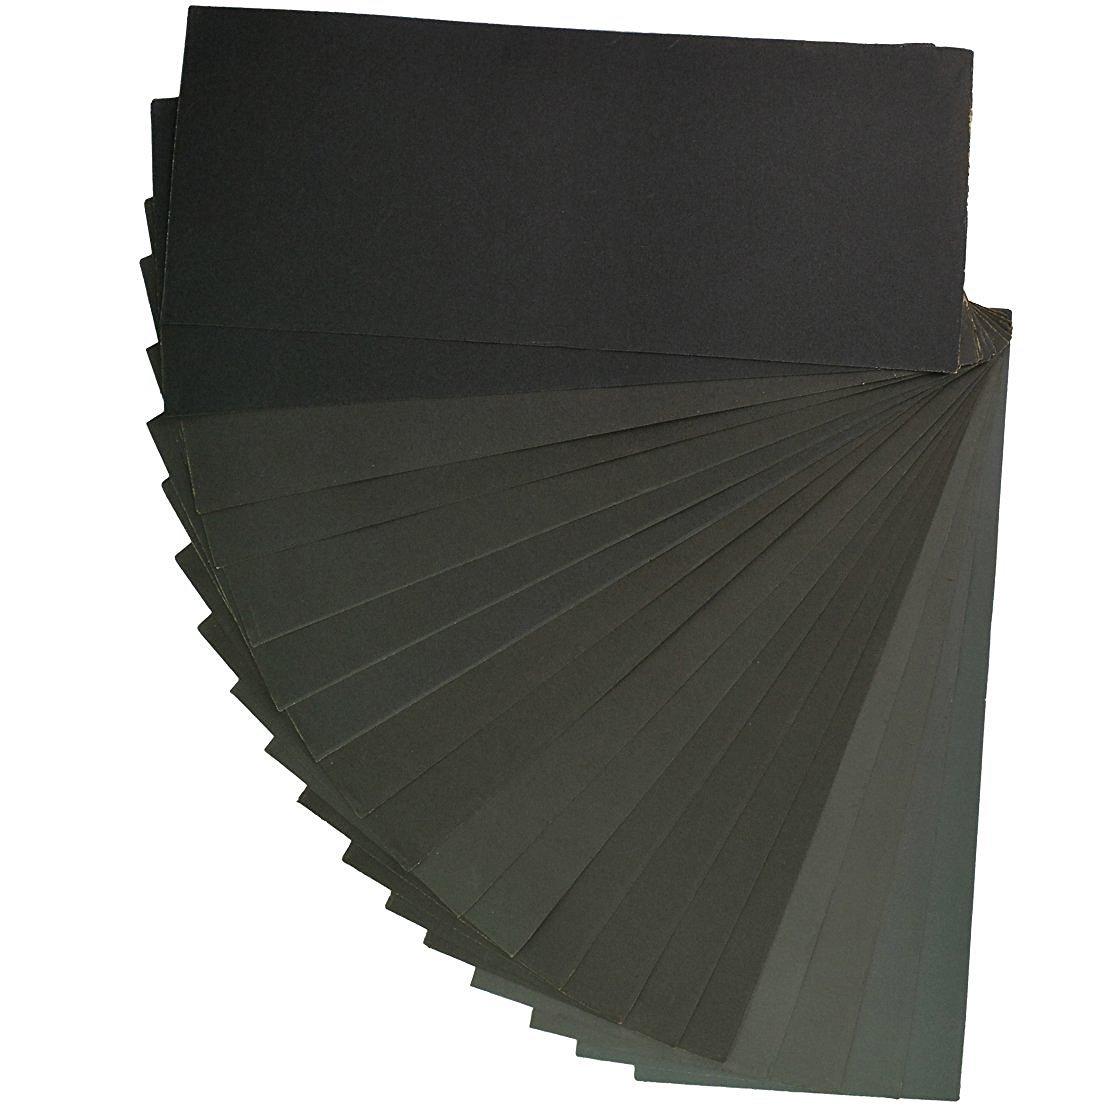 SUMERSHA 400-3000 Grit Schleifpapier Sortiment f/ür Automobil-Schleifen Holzm/öbel Veredelung Drehen Fertigung Holz 9 x 3,6 Zoll 18 St/ück